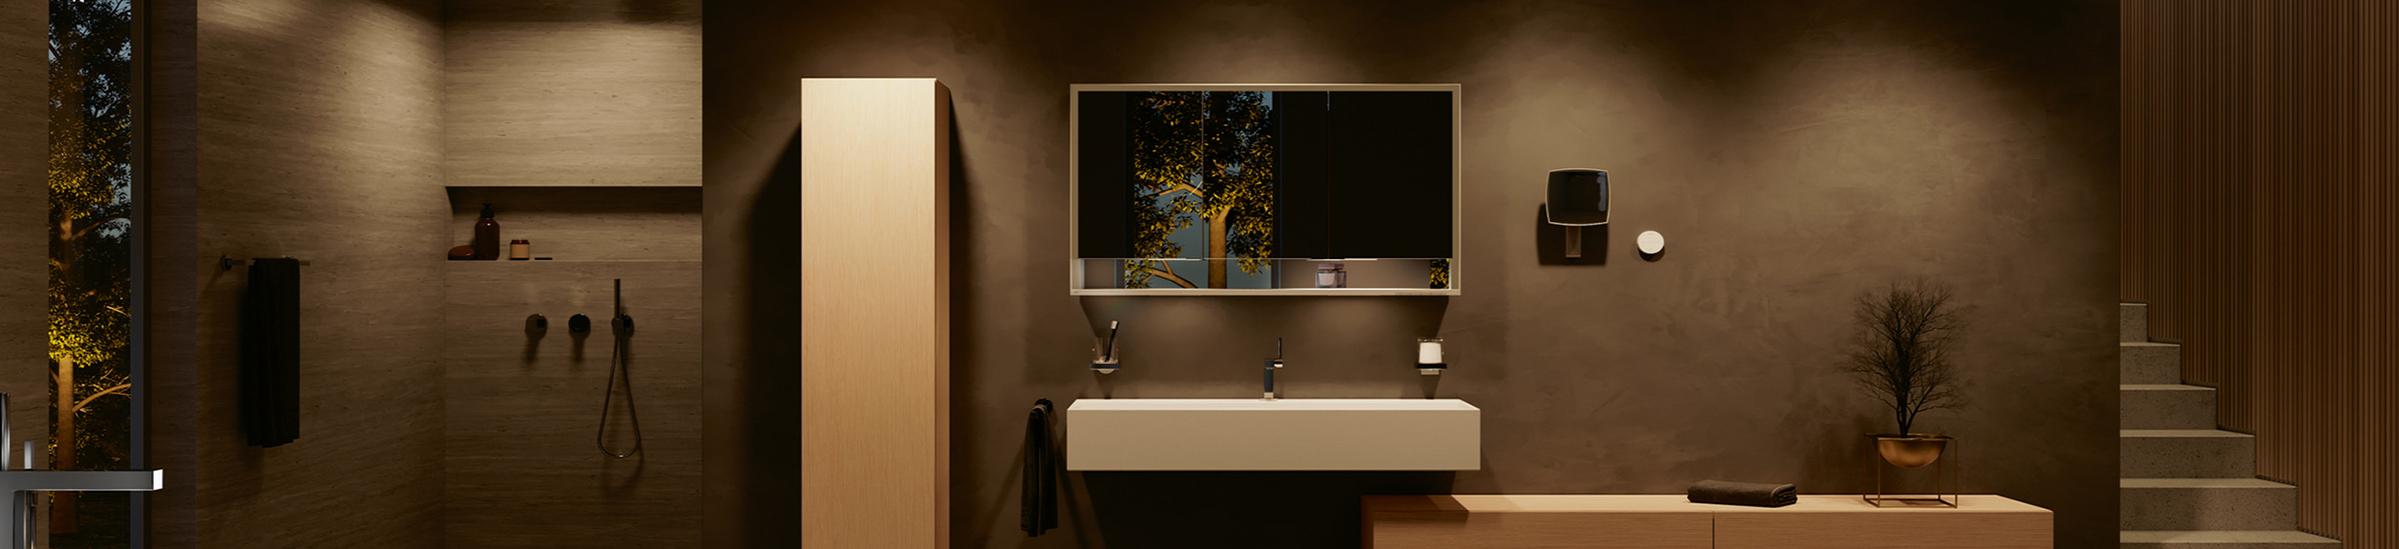 Badkamerverlichting kiezen - Badkamerverlichting kiezen